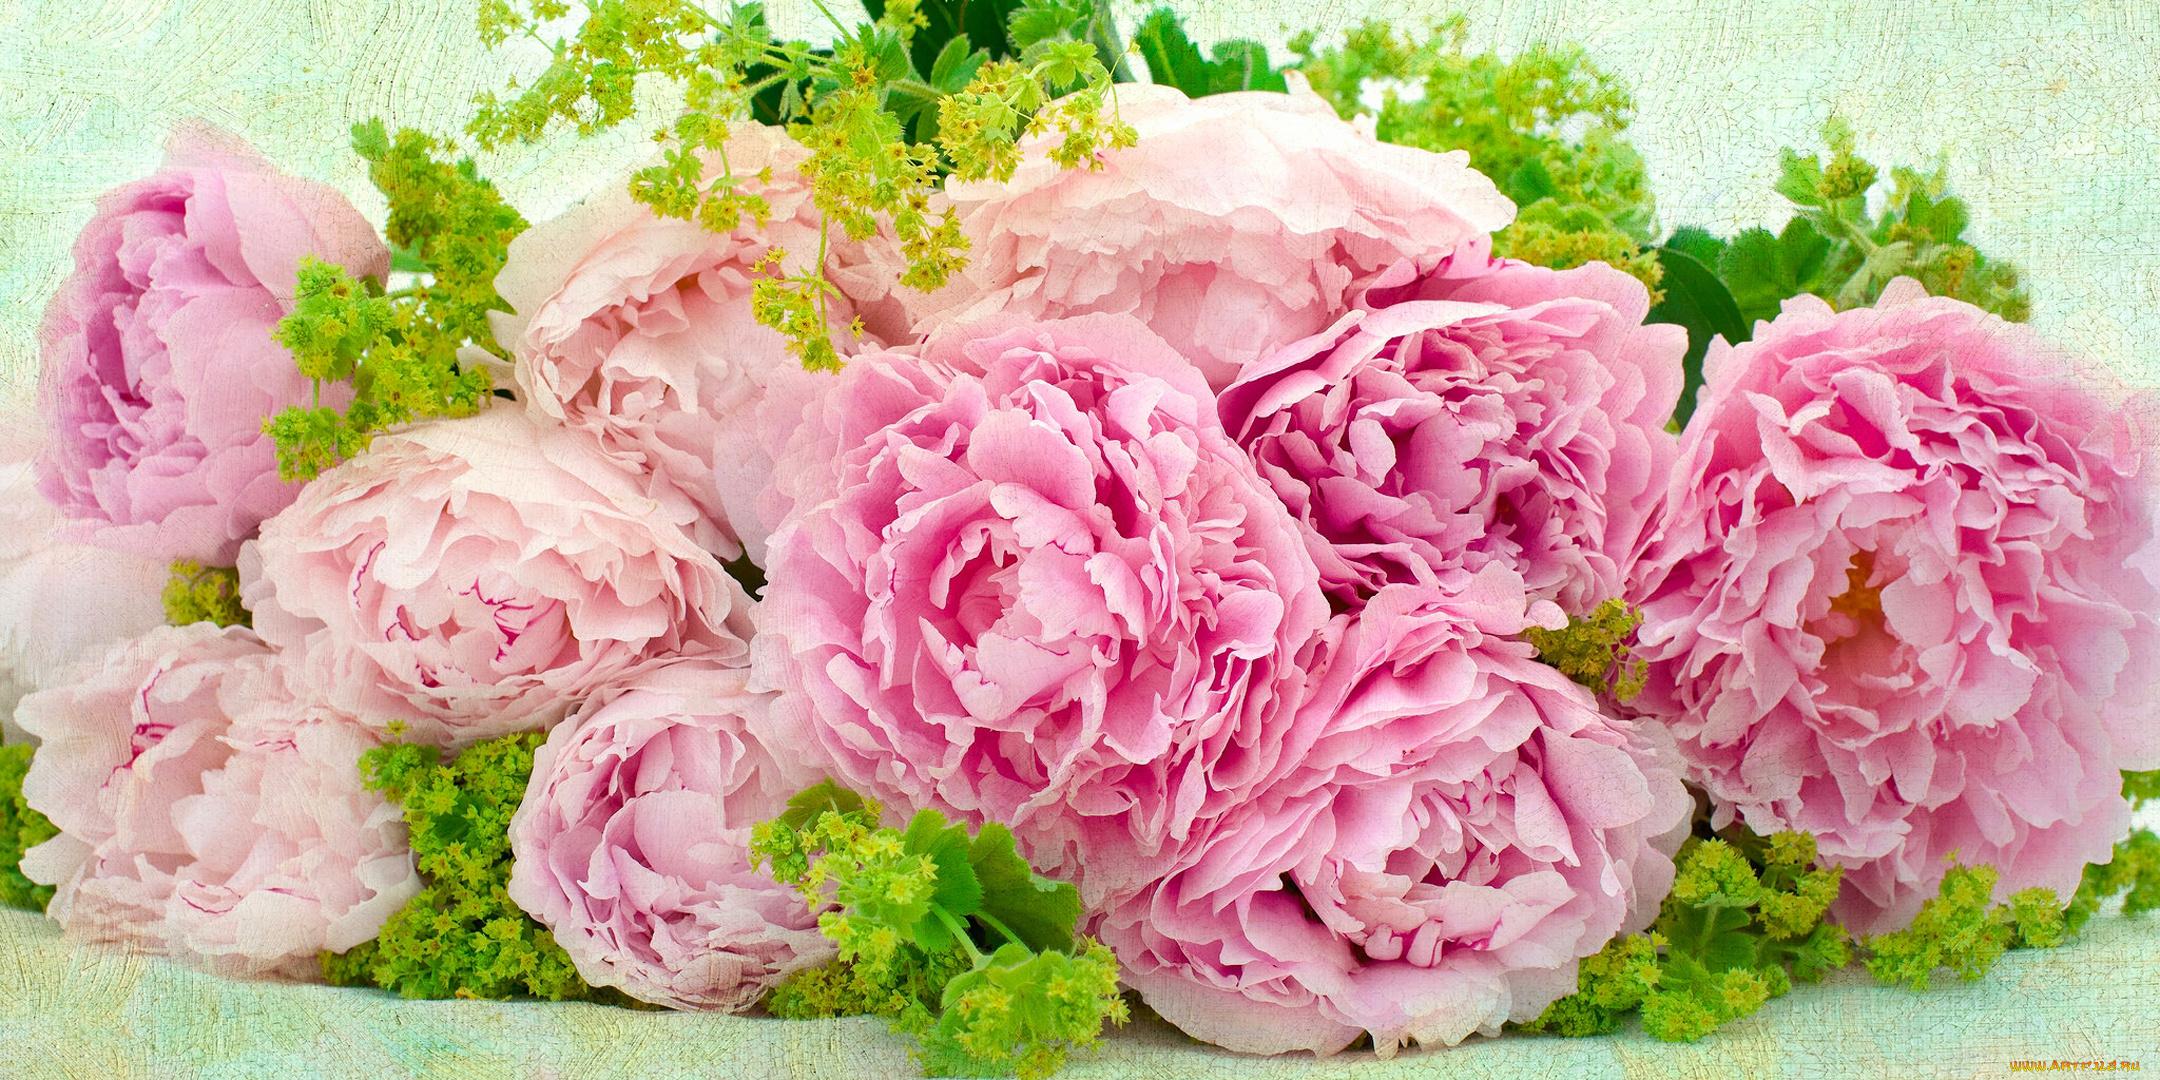 Картинки цветов пионов обои, своими руками день